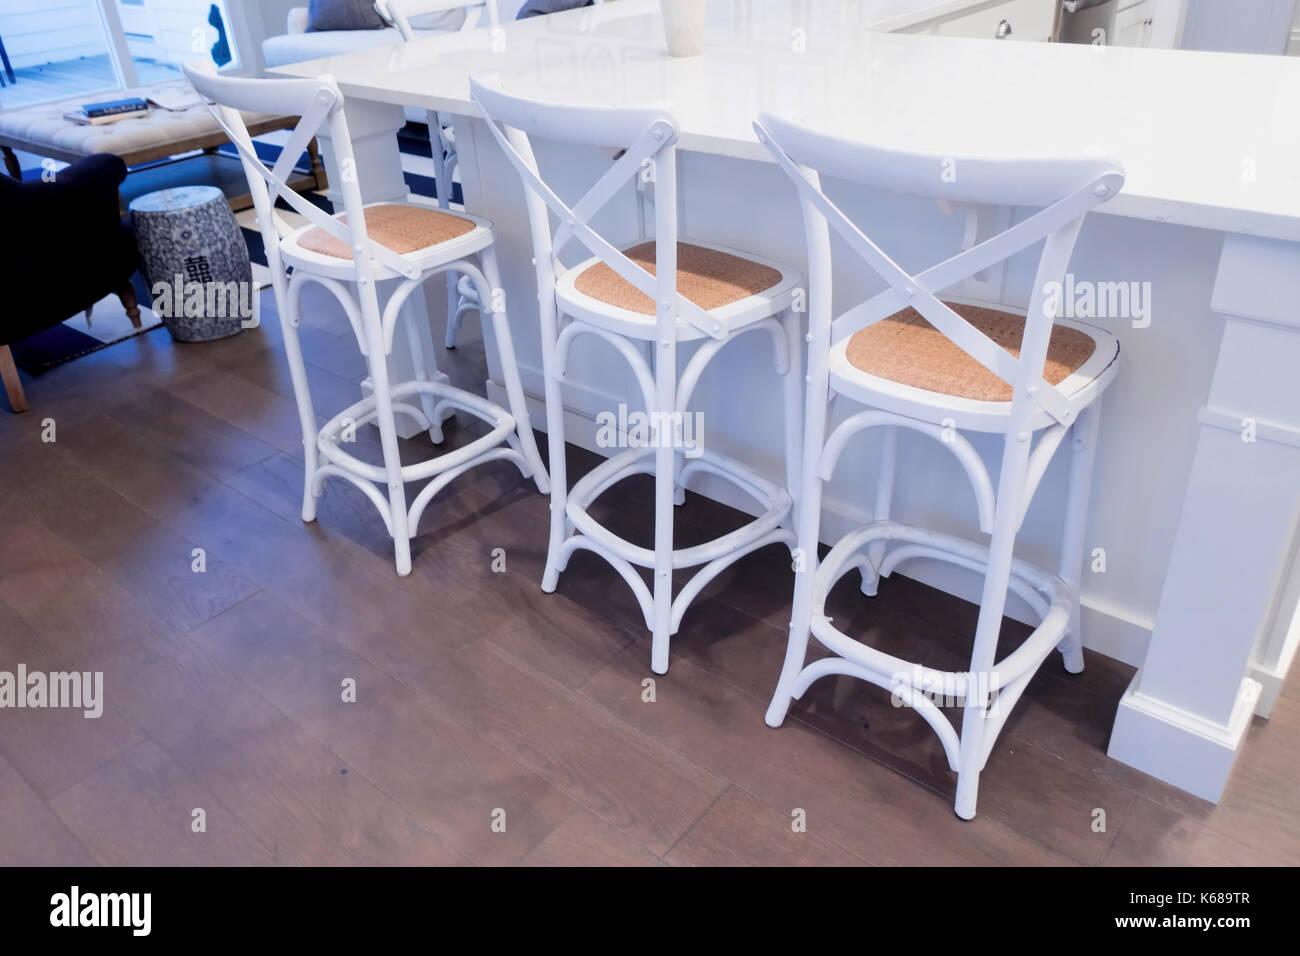 Granit Arbeitsplatte Outdoor Küche : Drei hocker an einem weißen granit arbeitsplatte in der küche